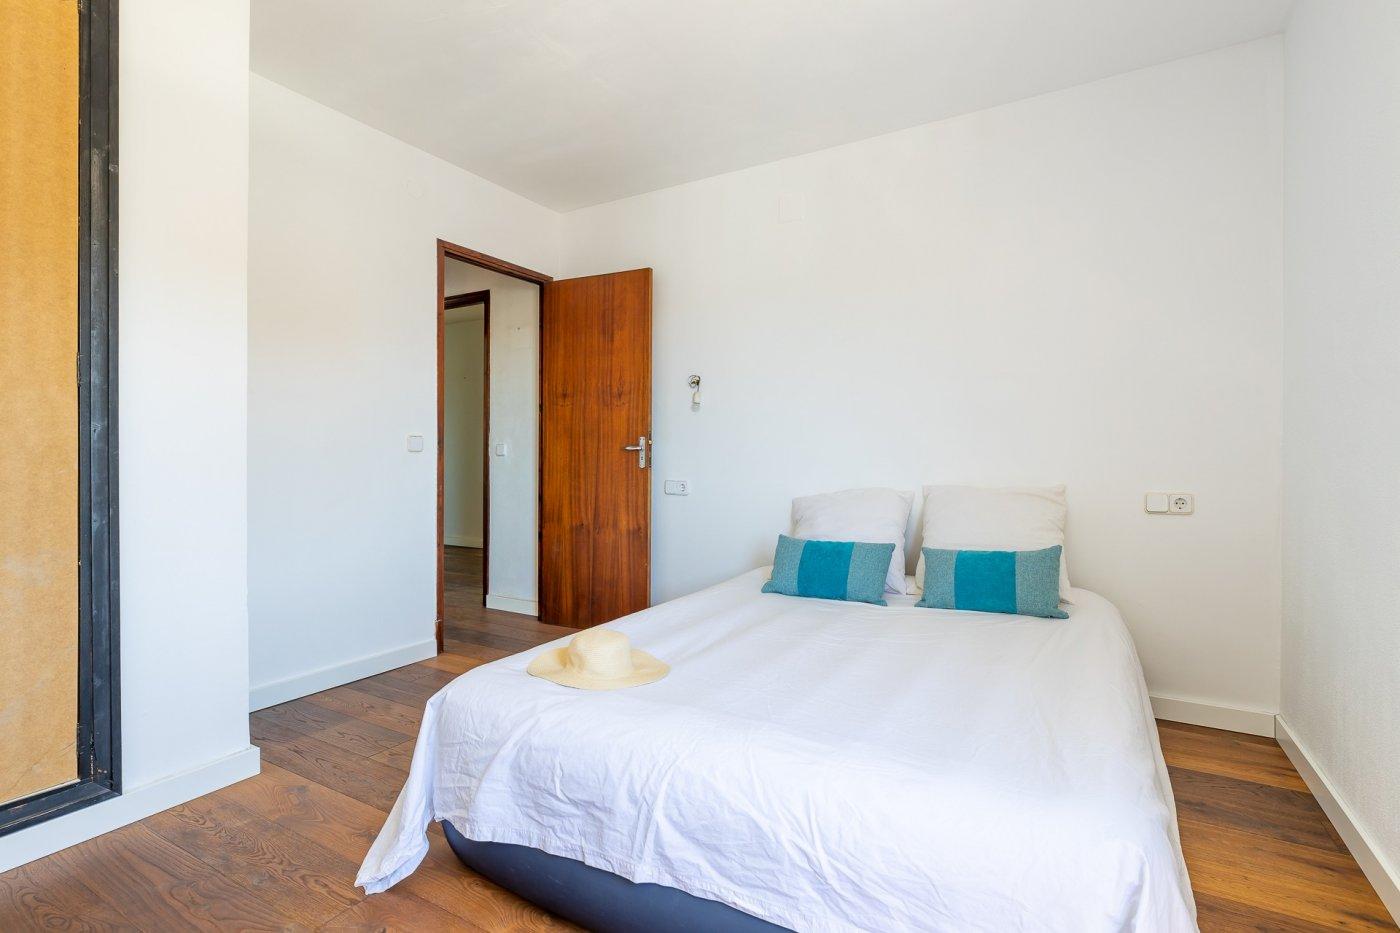 Coqueto apartamento cerca de porto pi, palma - imagenInmueble10